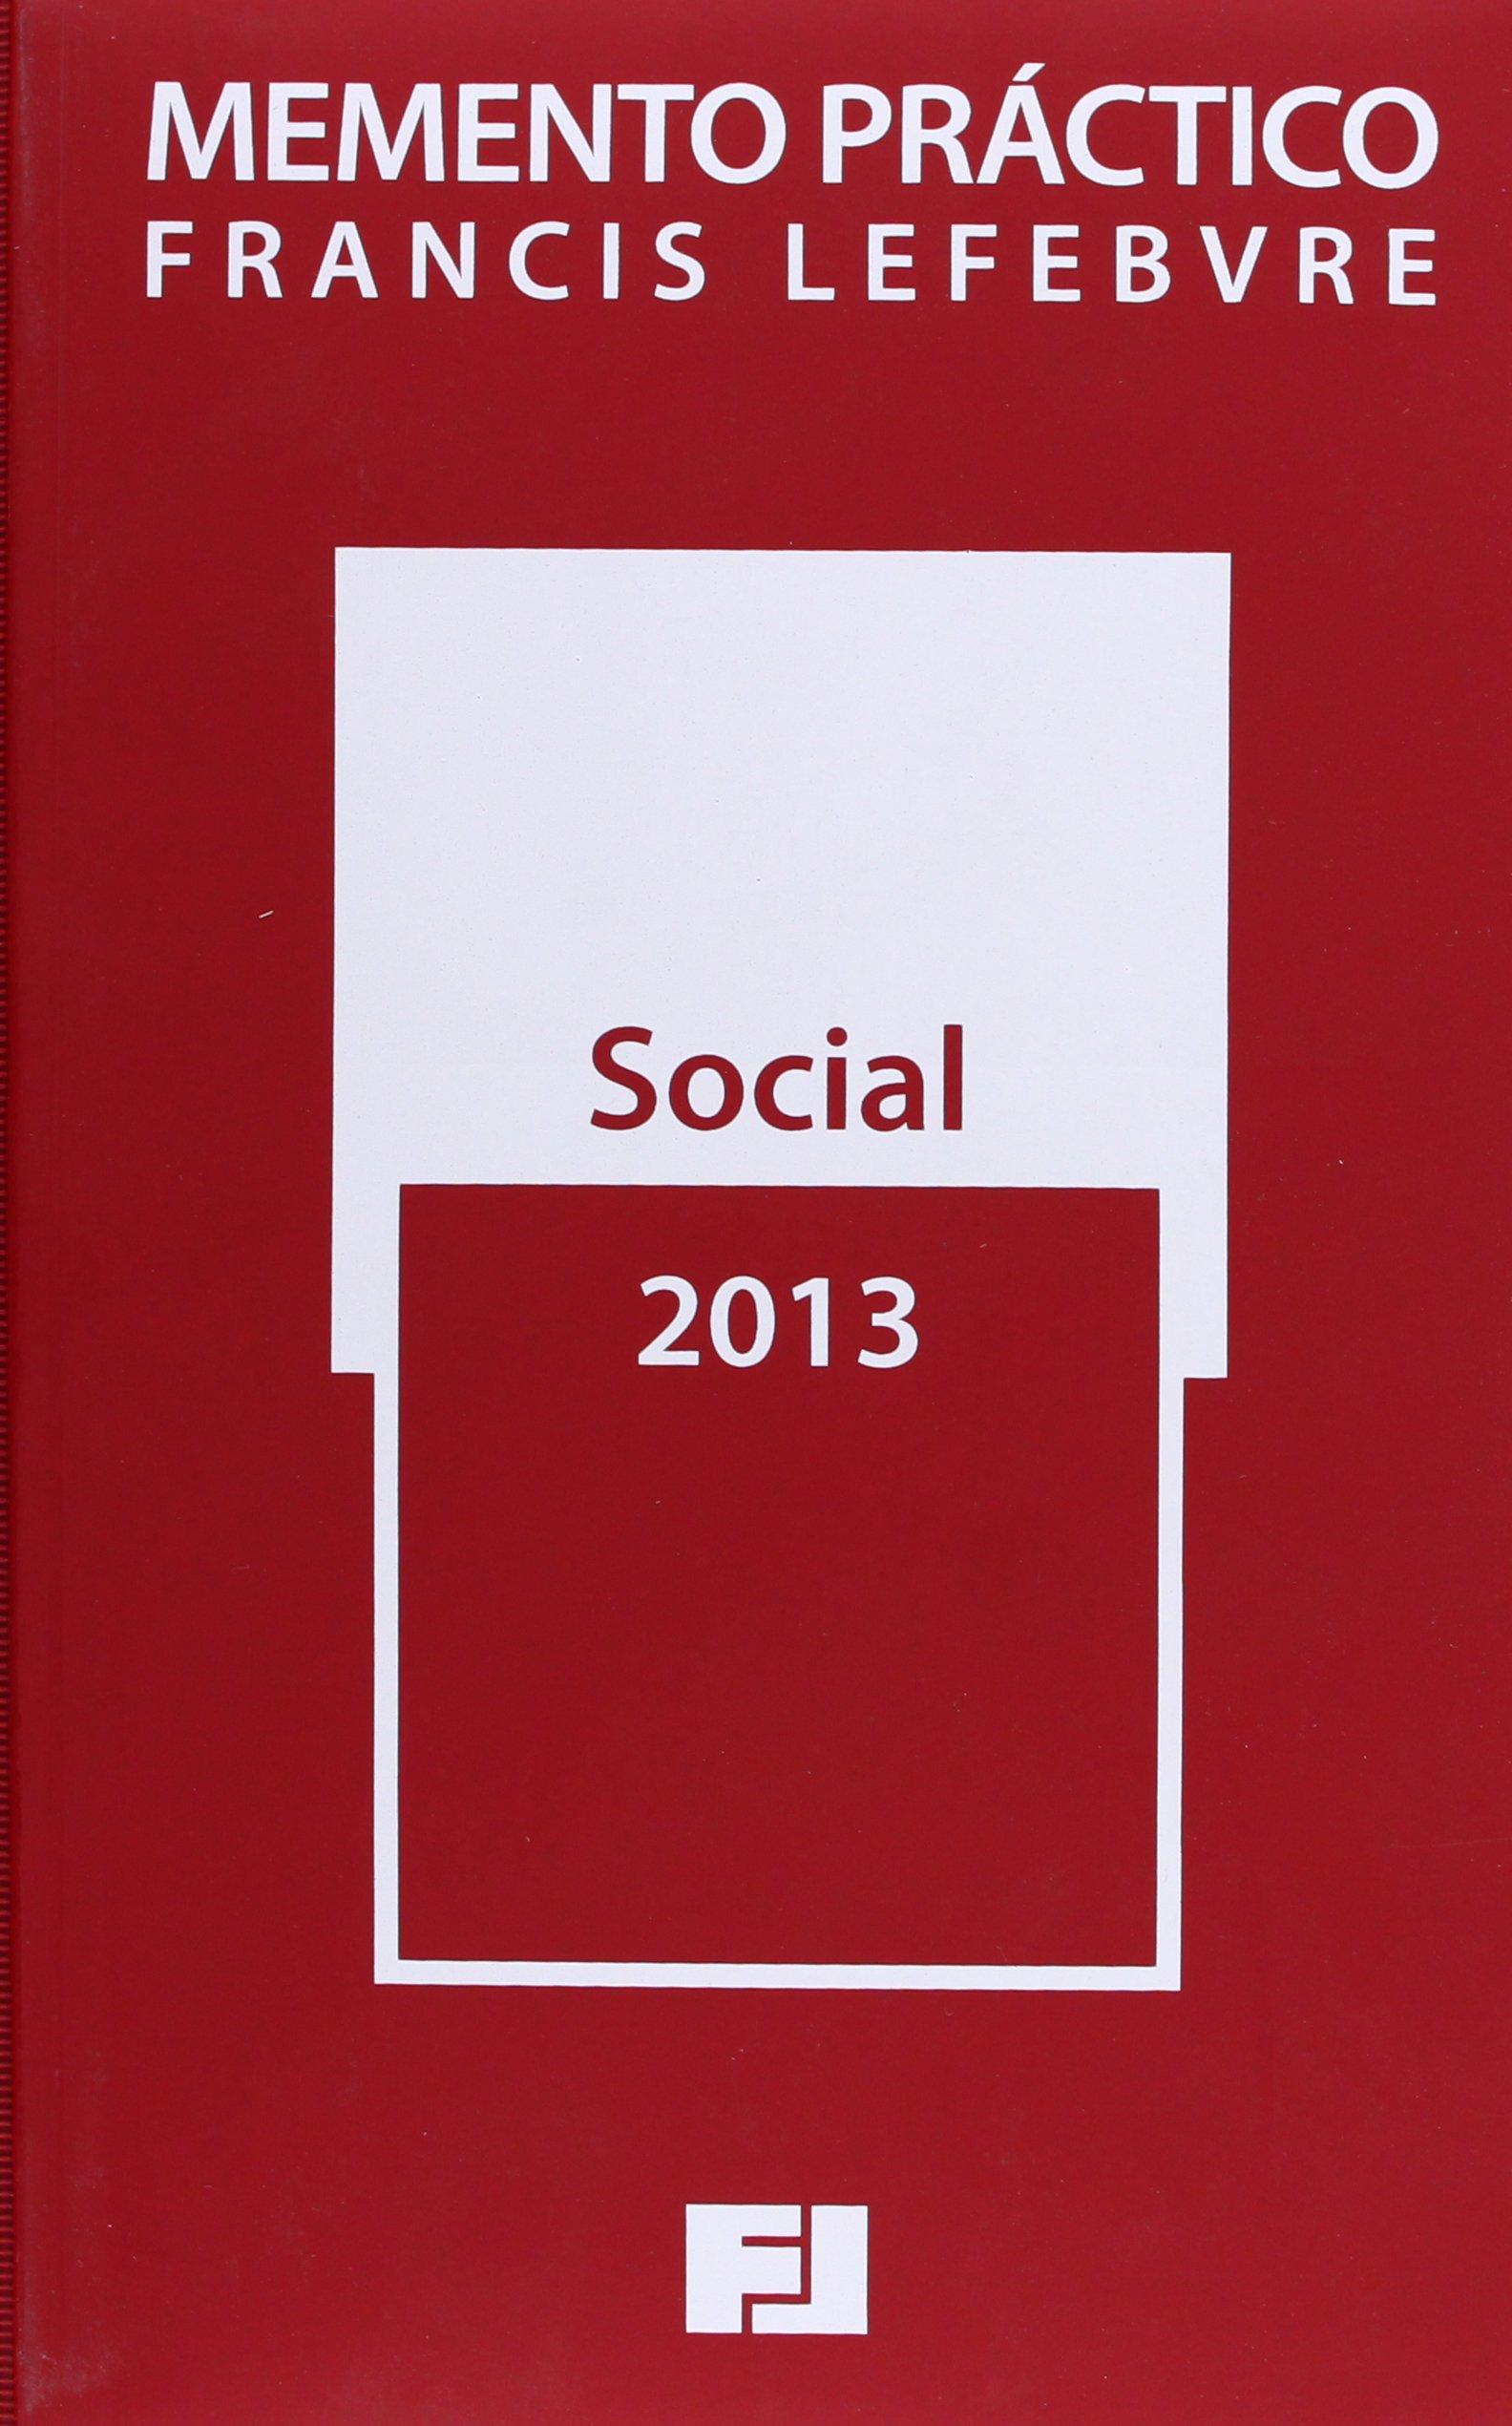 Memento Práctico Social 2013 (Mementos Practicos): Amazon.es: Francis  Lefebvre: Libros